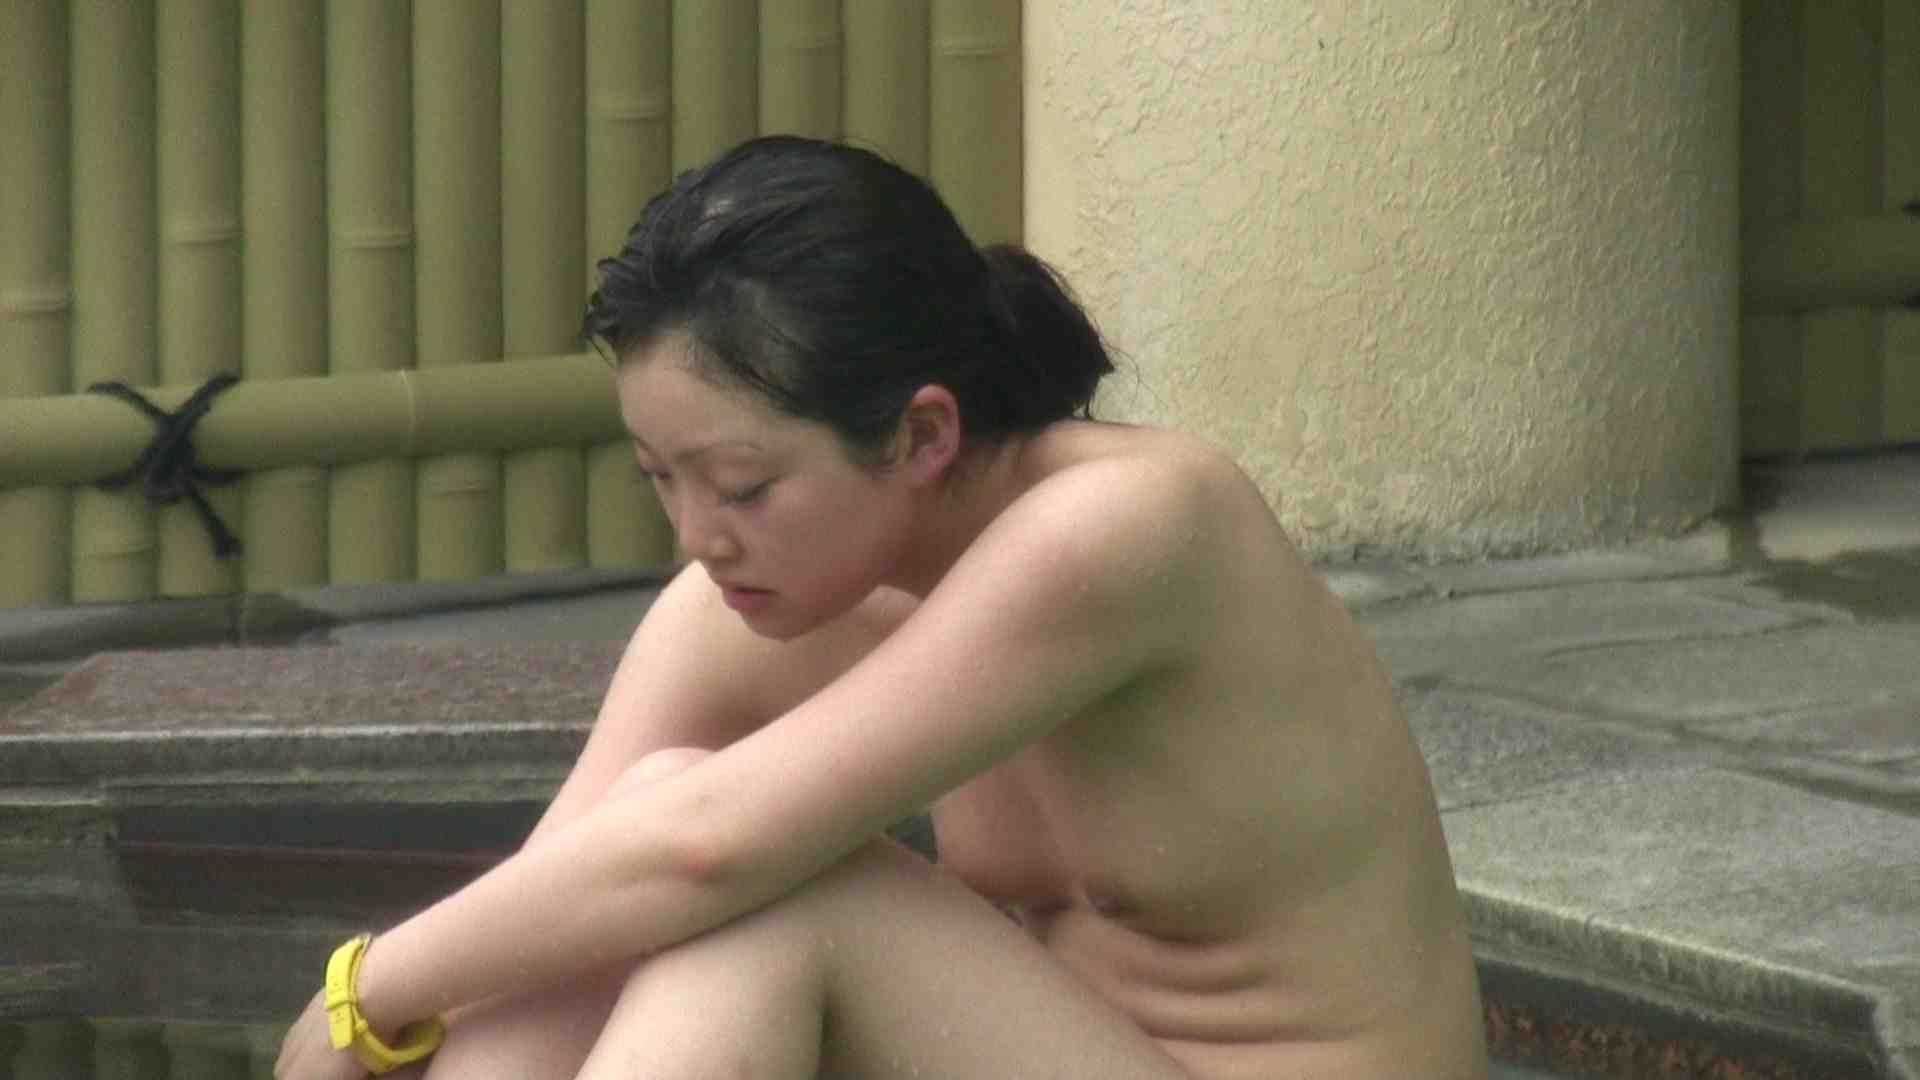 Aquaな露天風呂Vol.126 露天風呂 | 盗撮  72連発 10